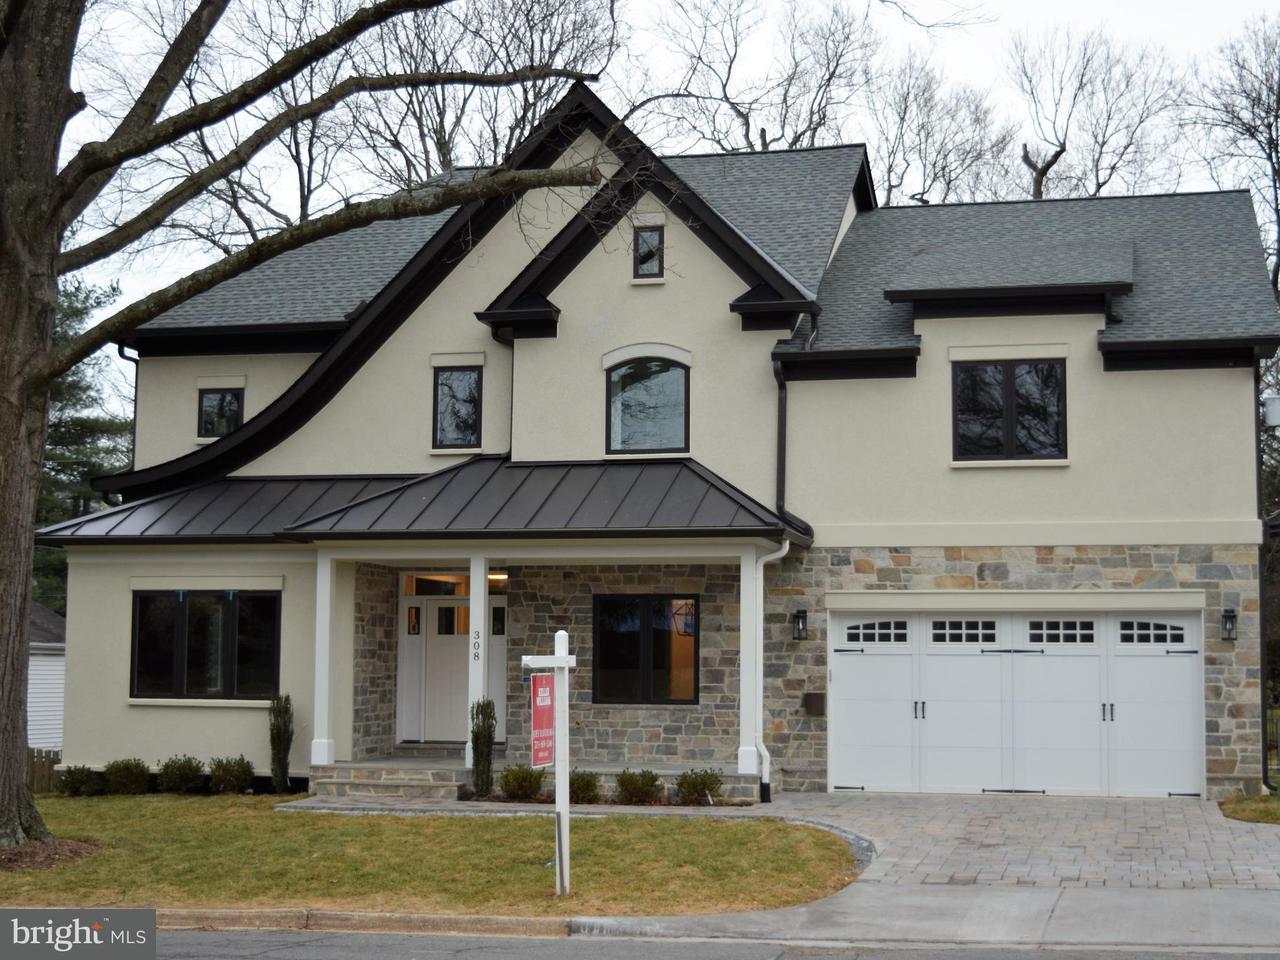 Частный односемейный дом для того Продажа на 308 Lawton Street 308 Lawton Street Falls Church, Виргиния 22046 Соединенные Штаты